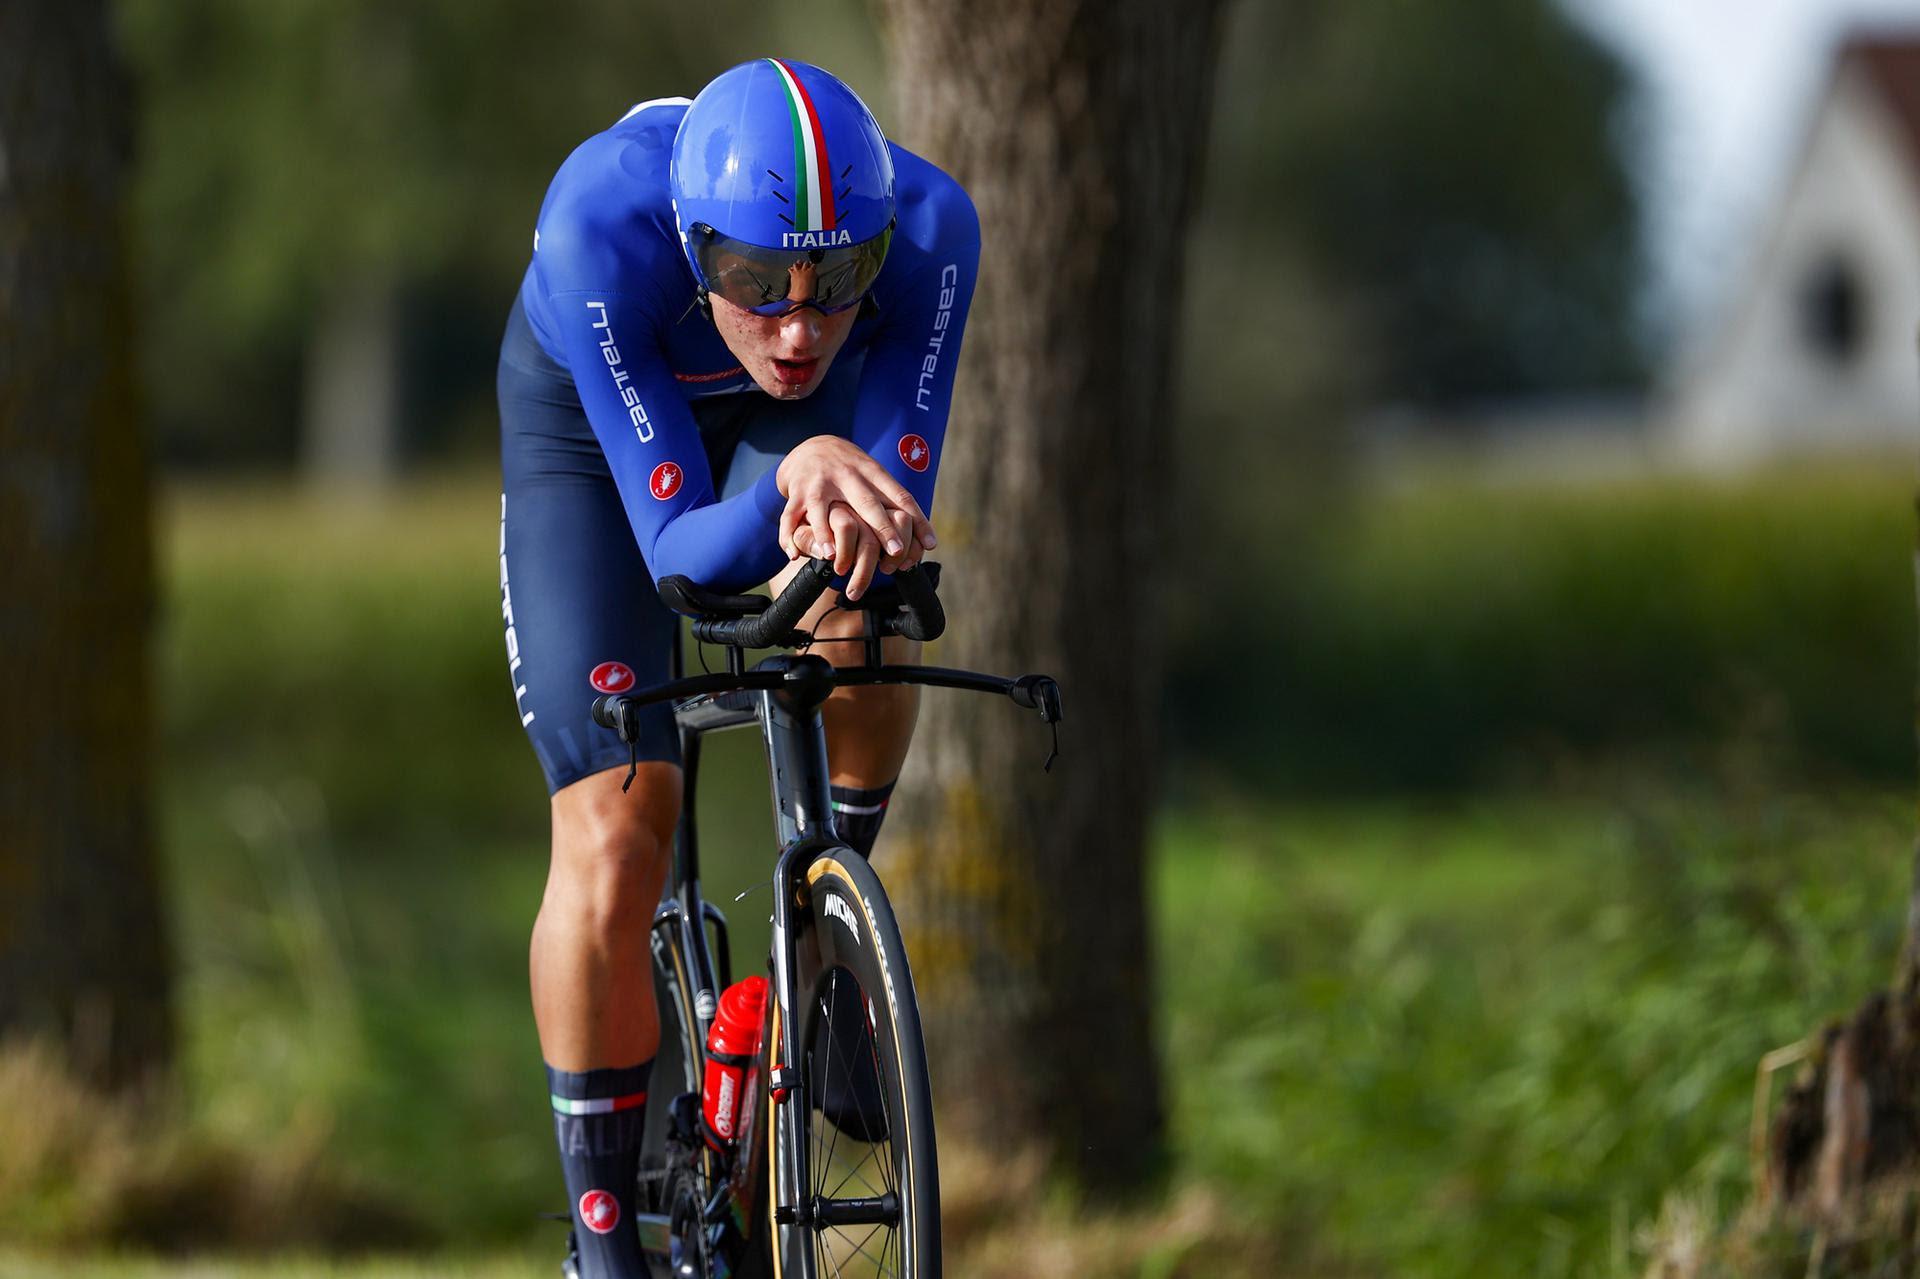 Samuele Bonetto in azione al Mondiale Juniores a cronometro Fiandre 2021